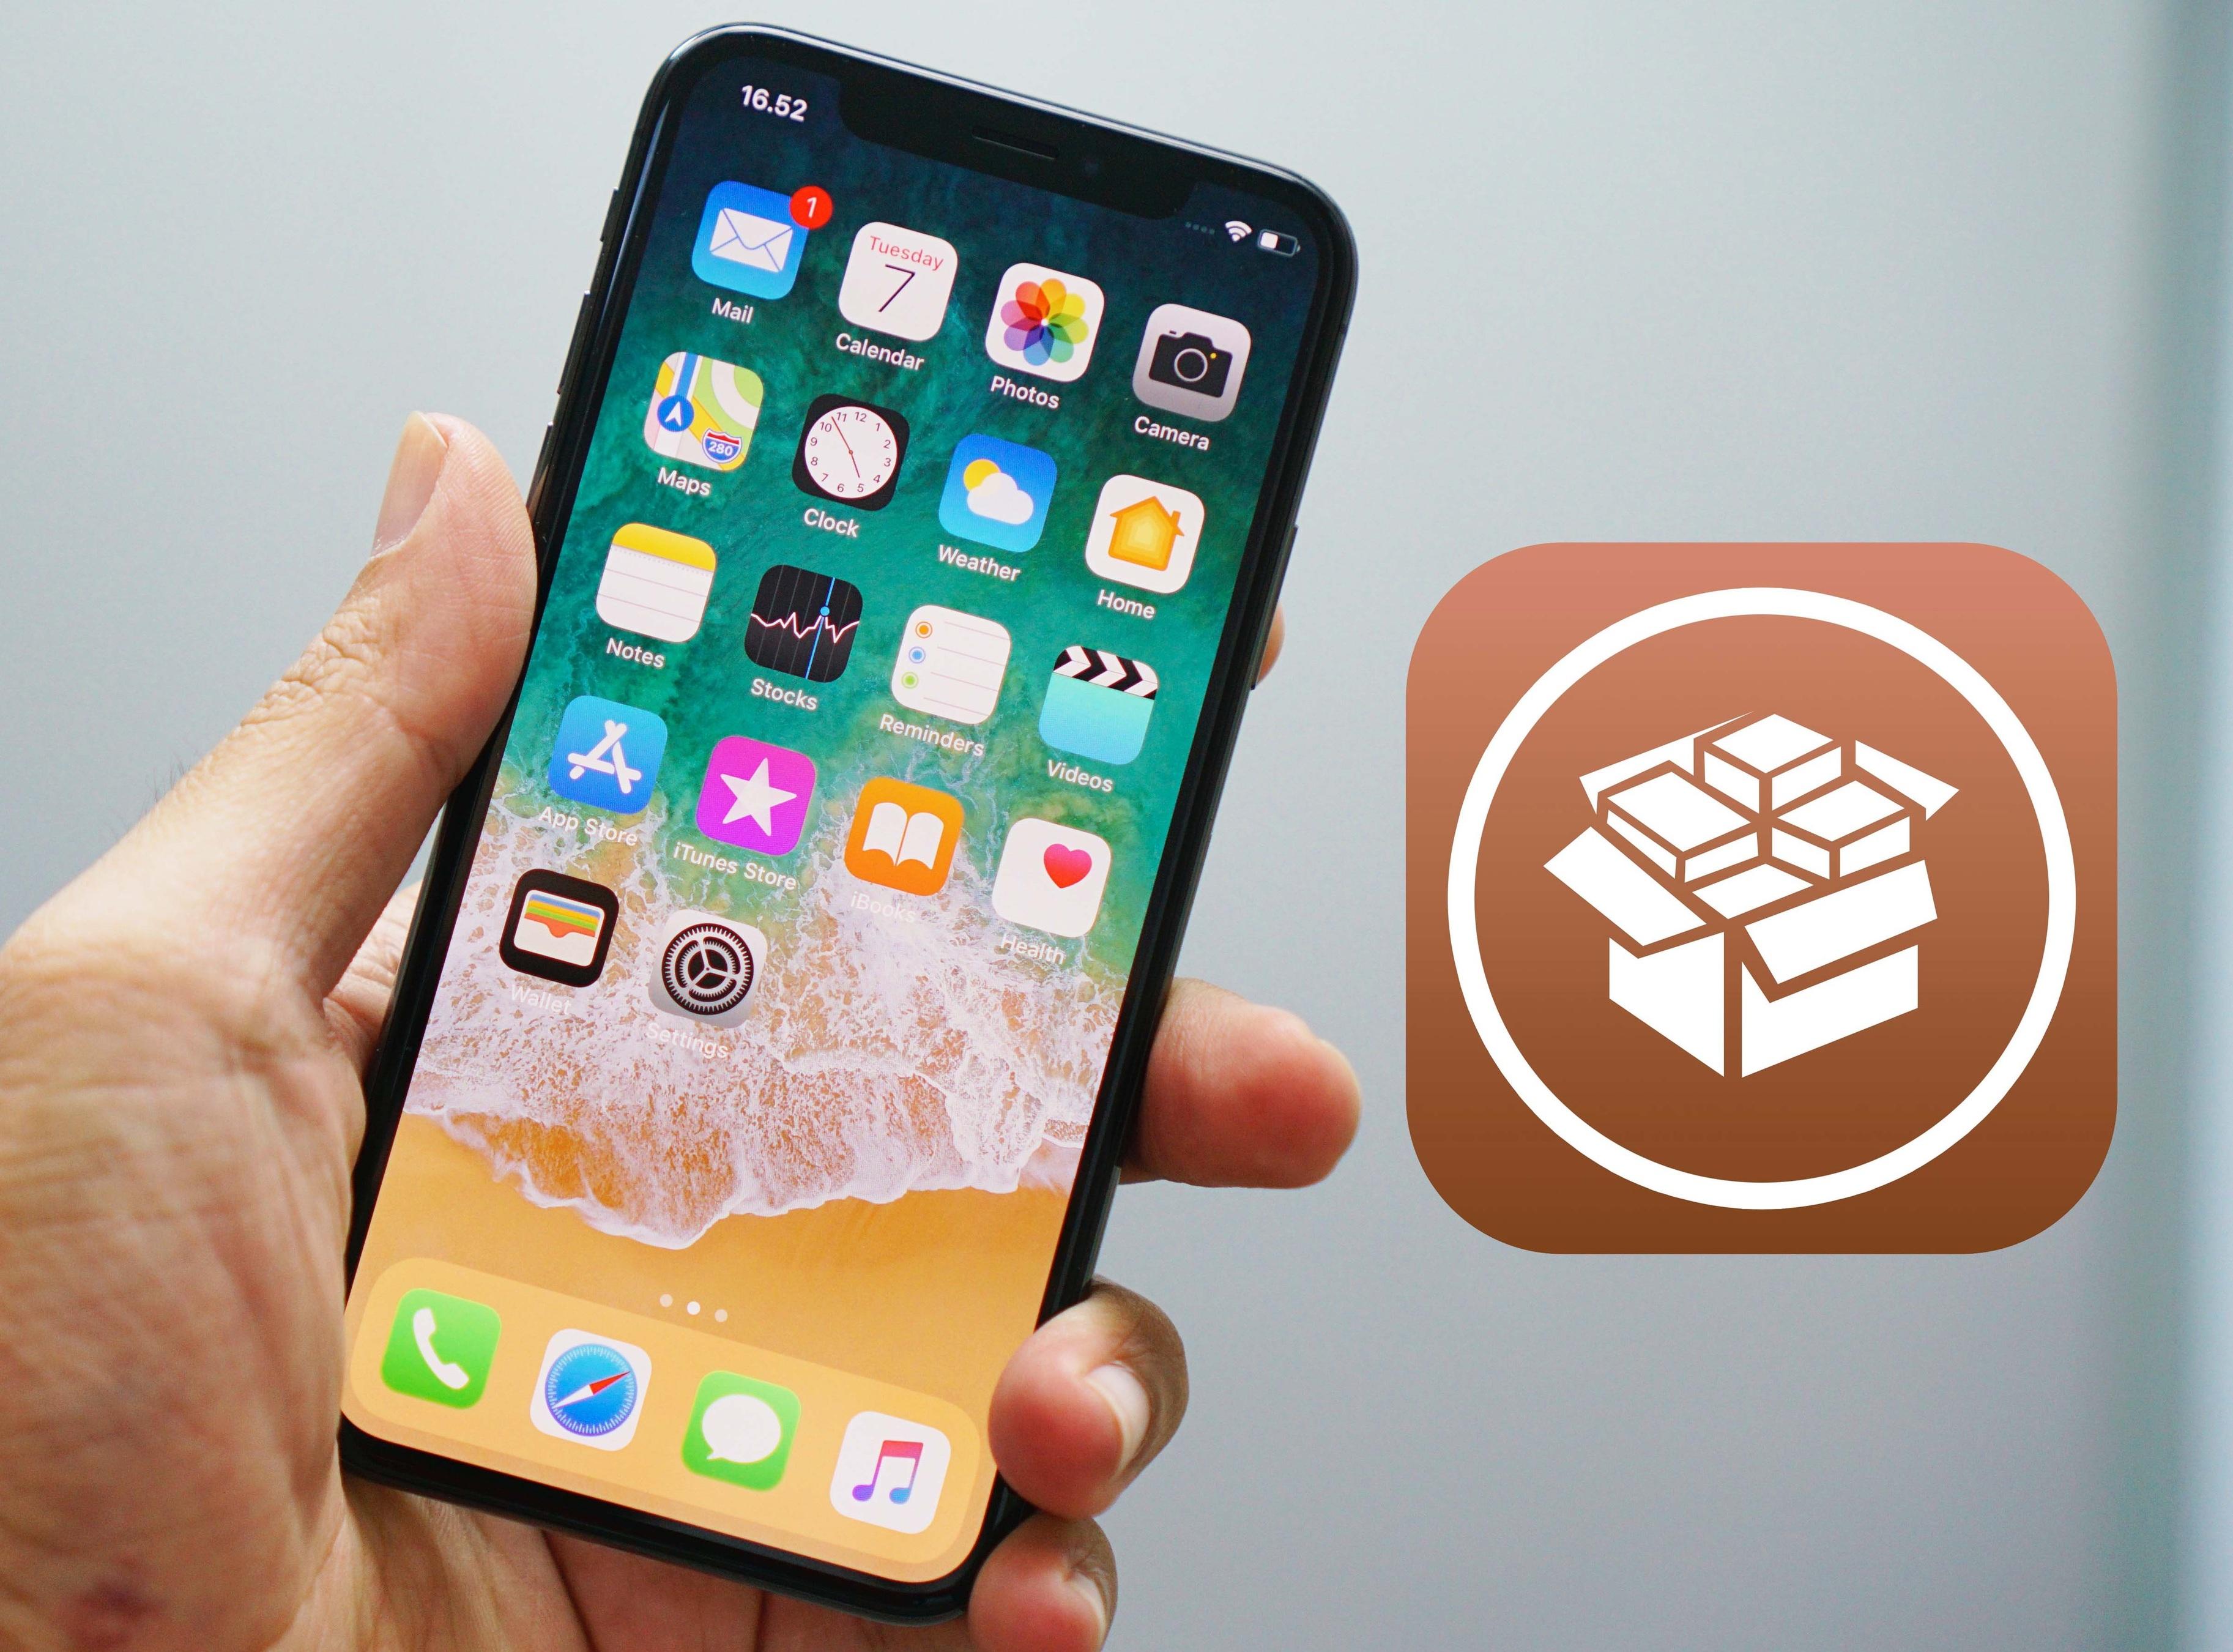 Хакеры анонсировали взлом любого iPhone на последней версии прошивки